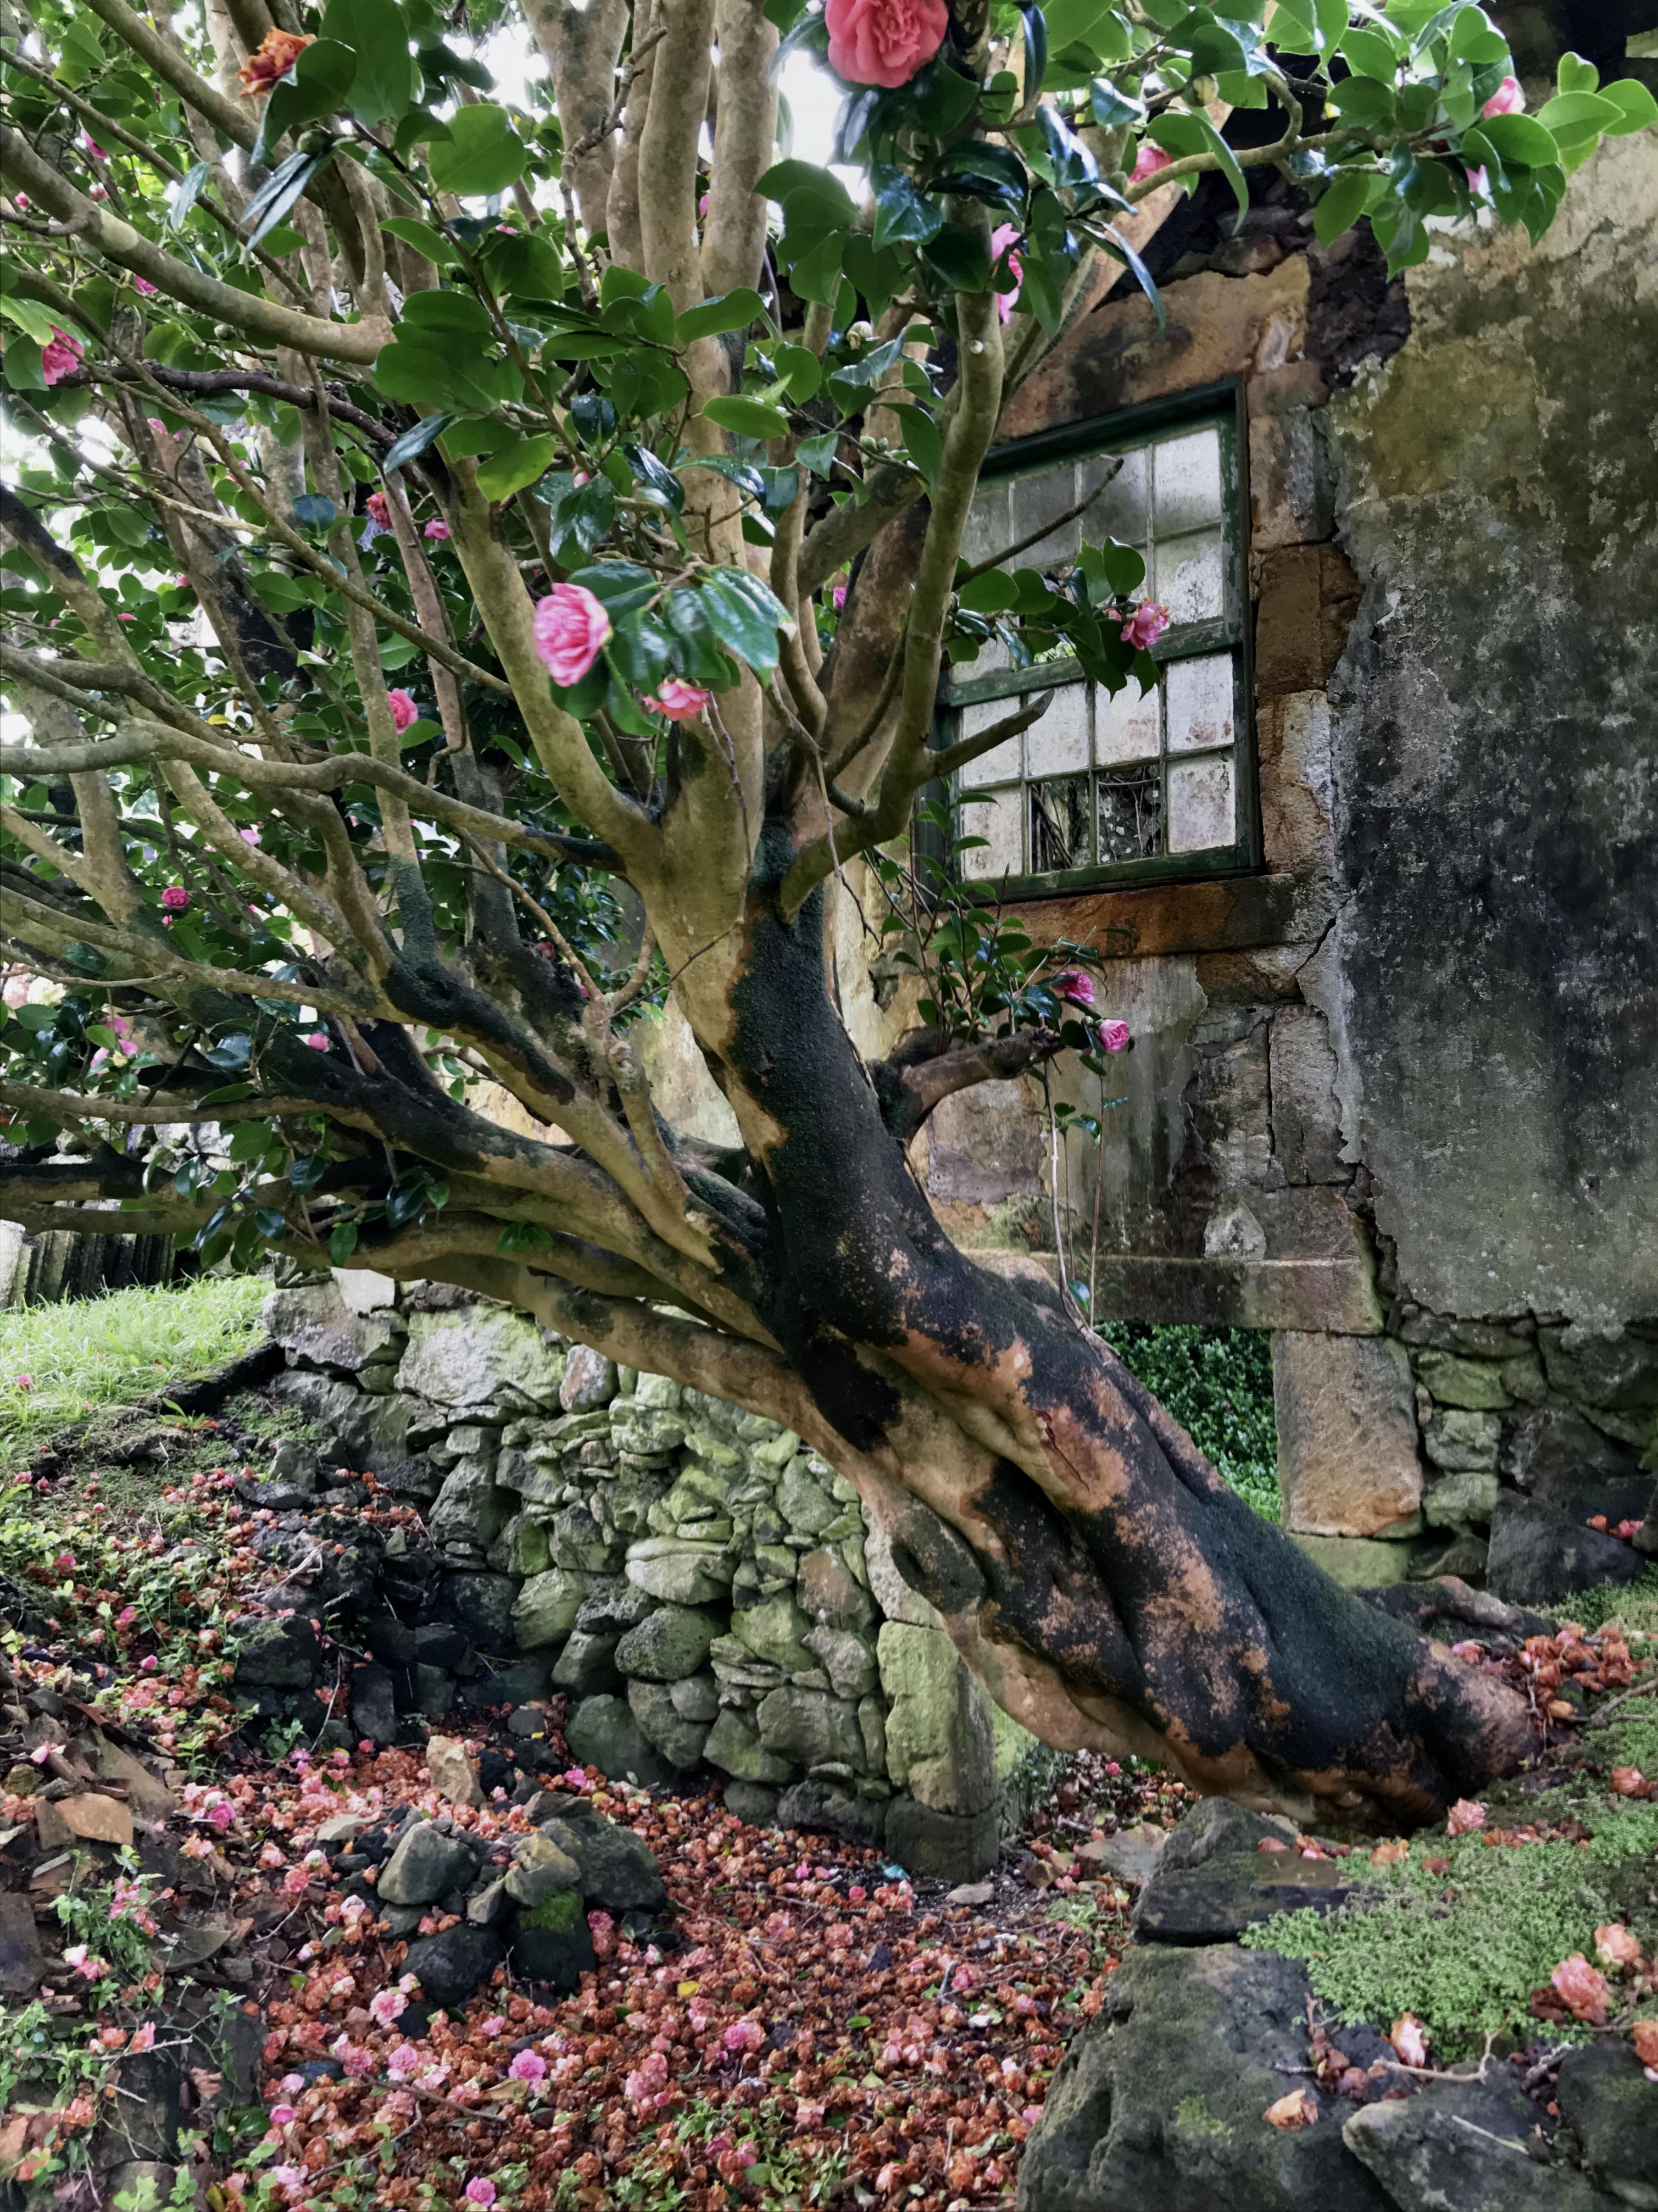 Façade of Casa das Flores with camellia